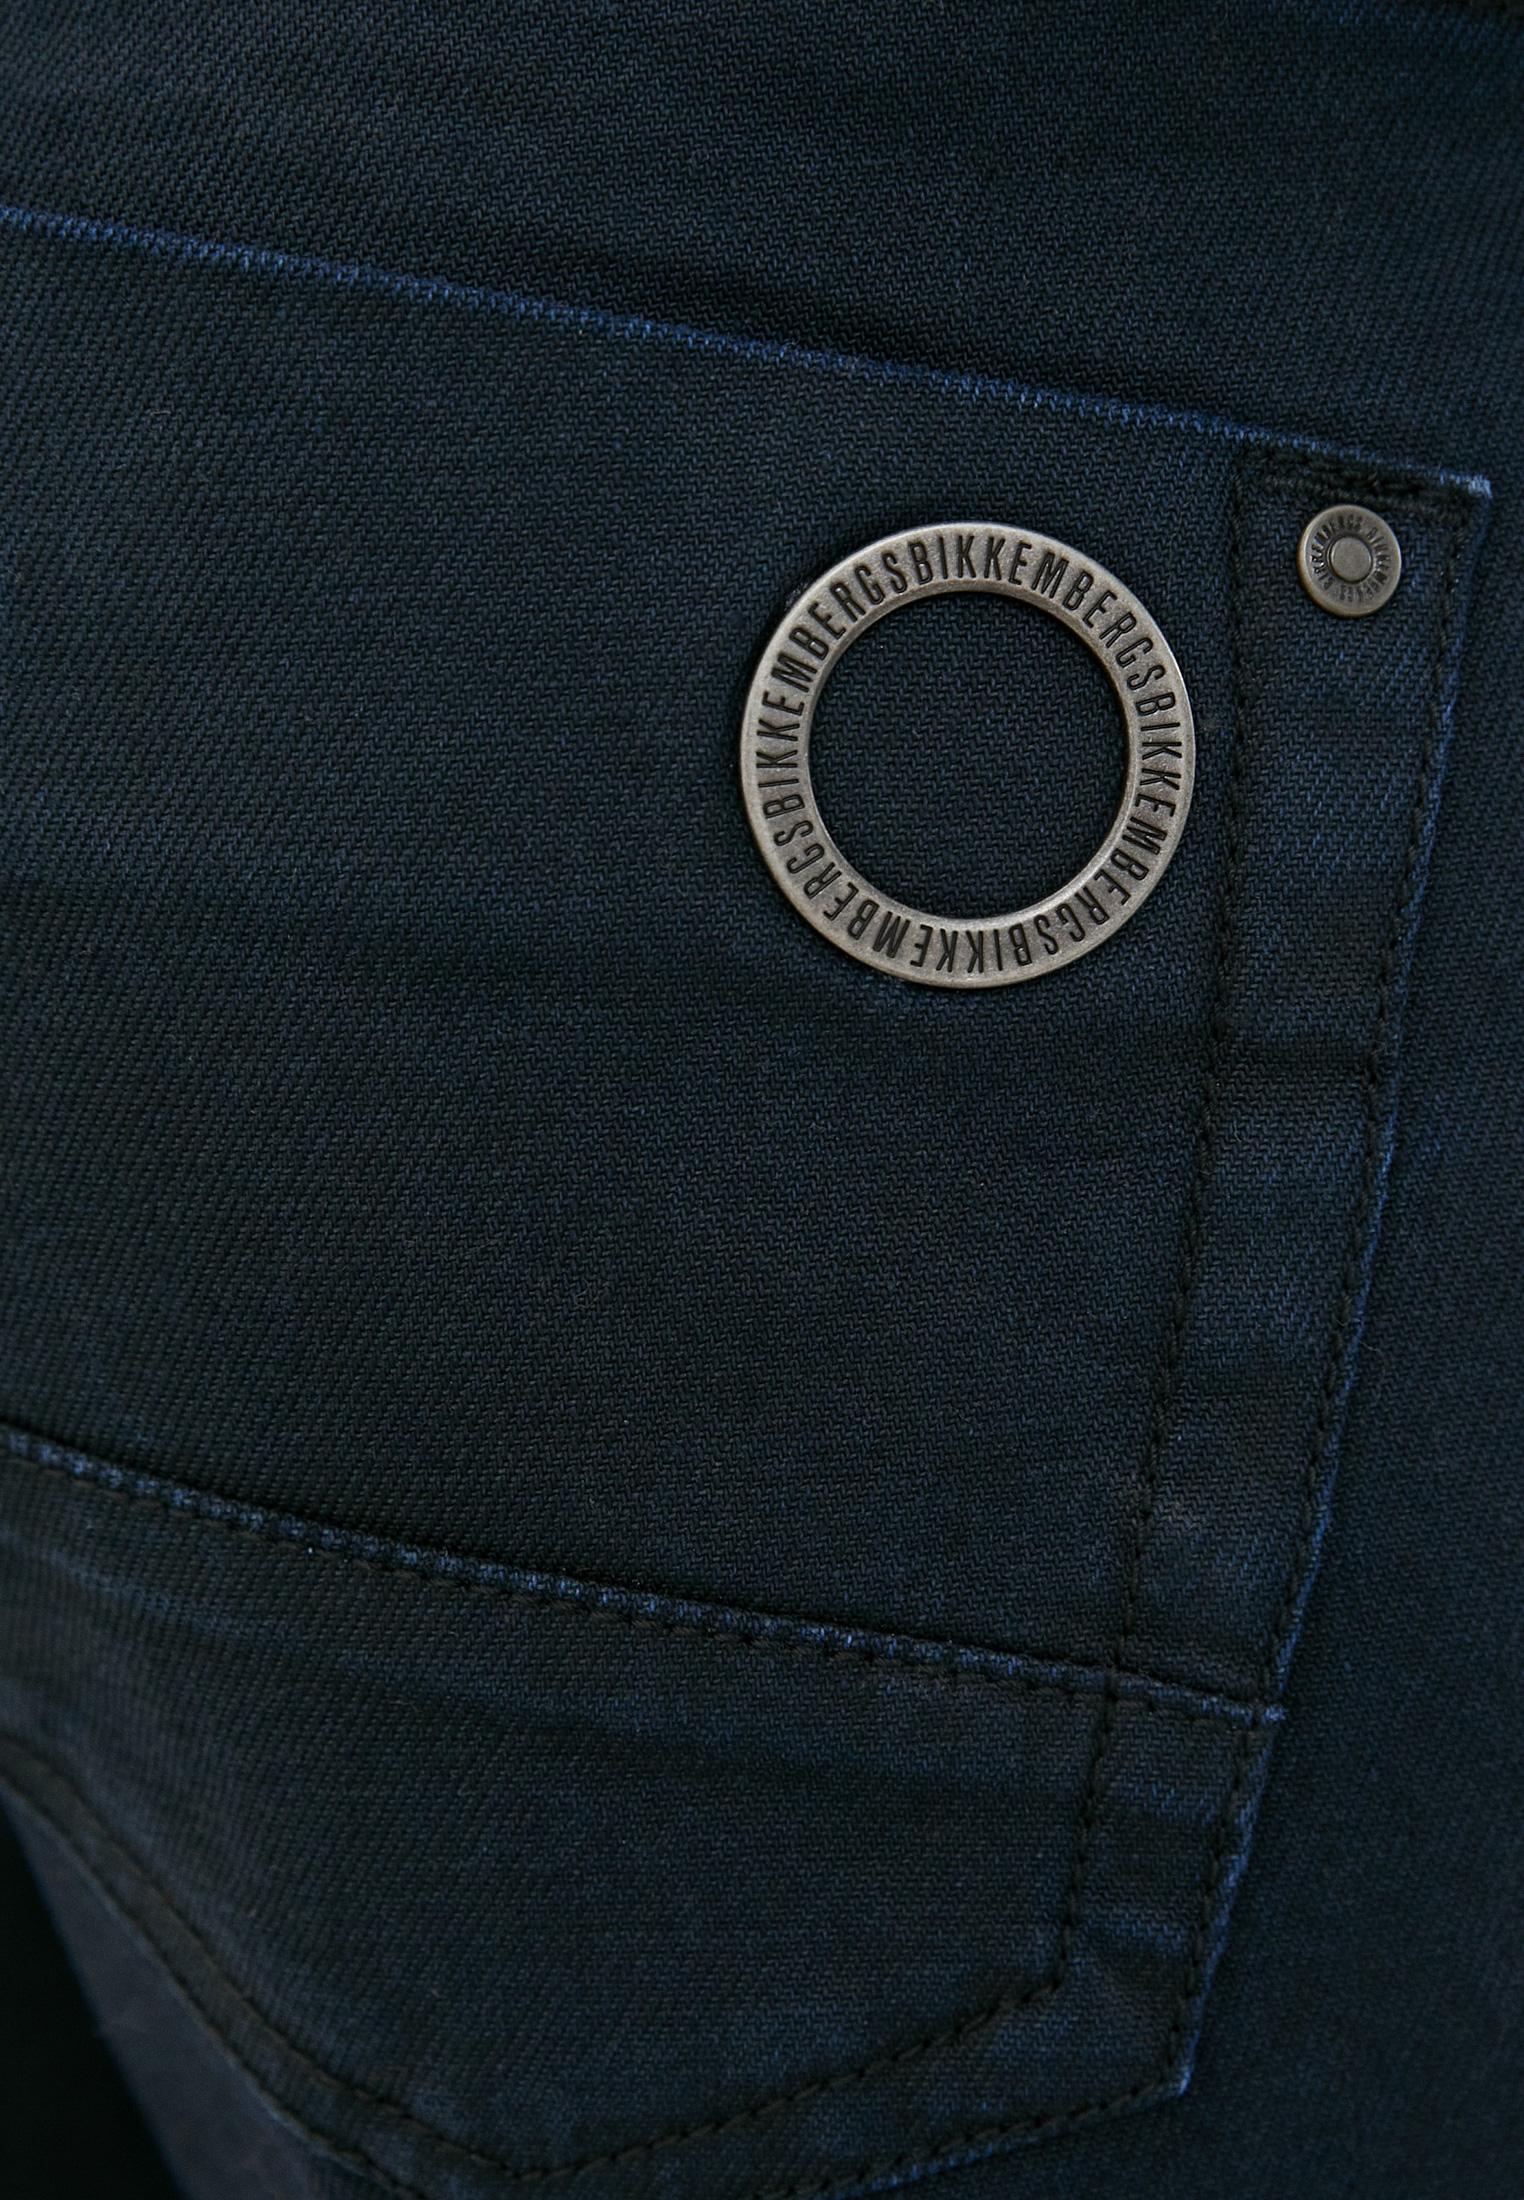 Мужские зауженные джинсы Bikkembergs (Биккембергс) C Q 101 18 S 3147: изображение 10